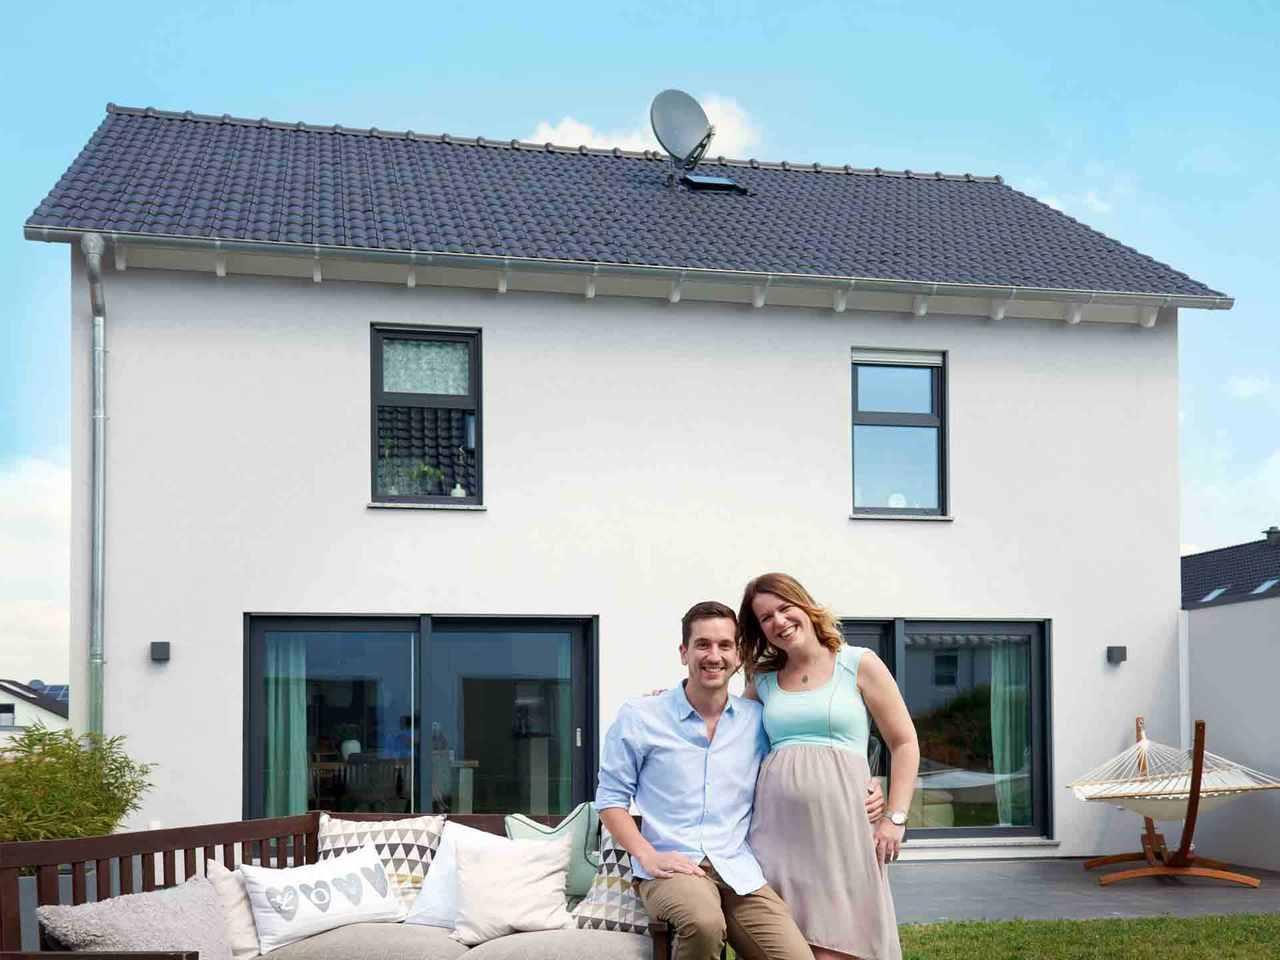 Einfamilienhaus Juna - Fingerhut Haus Terrasse mit Familie